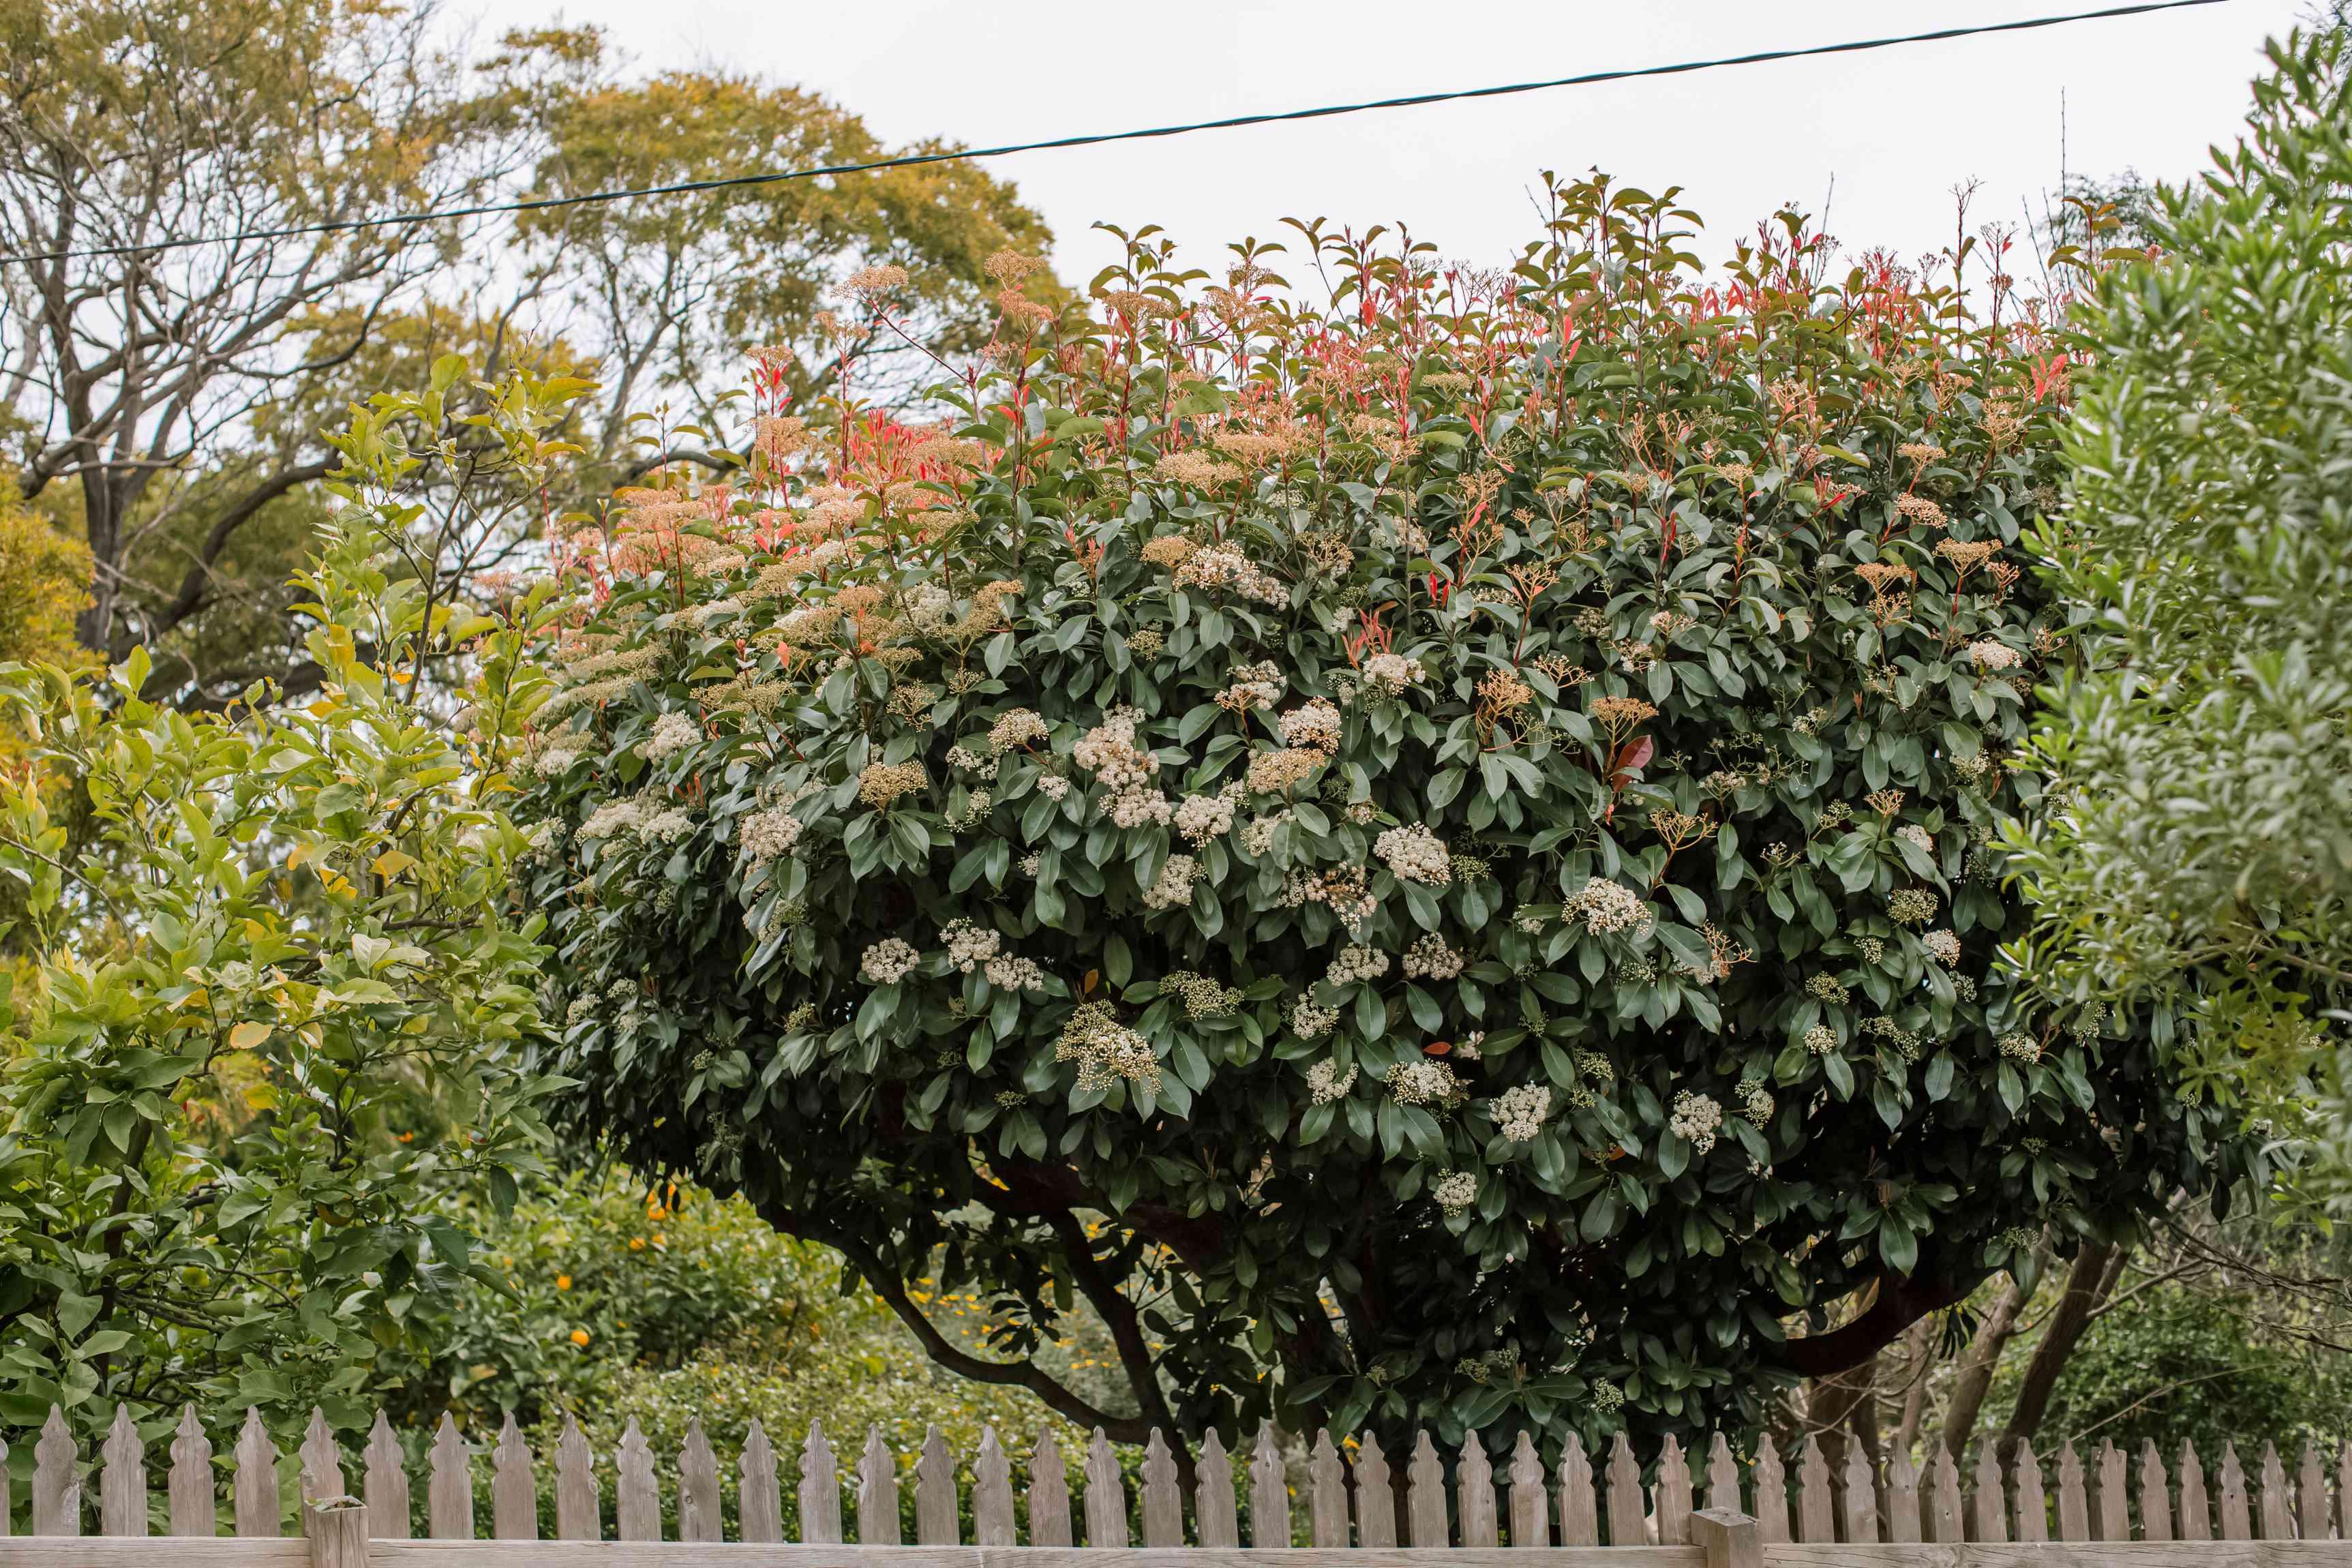 red tip photinia tree